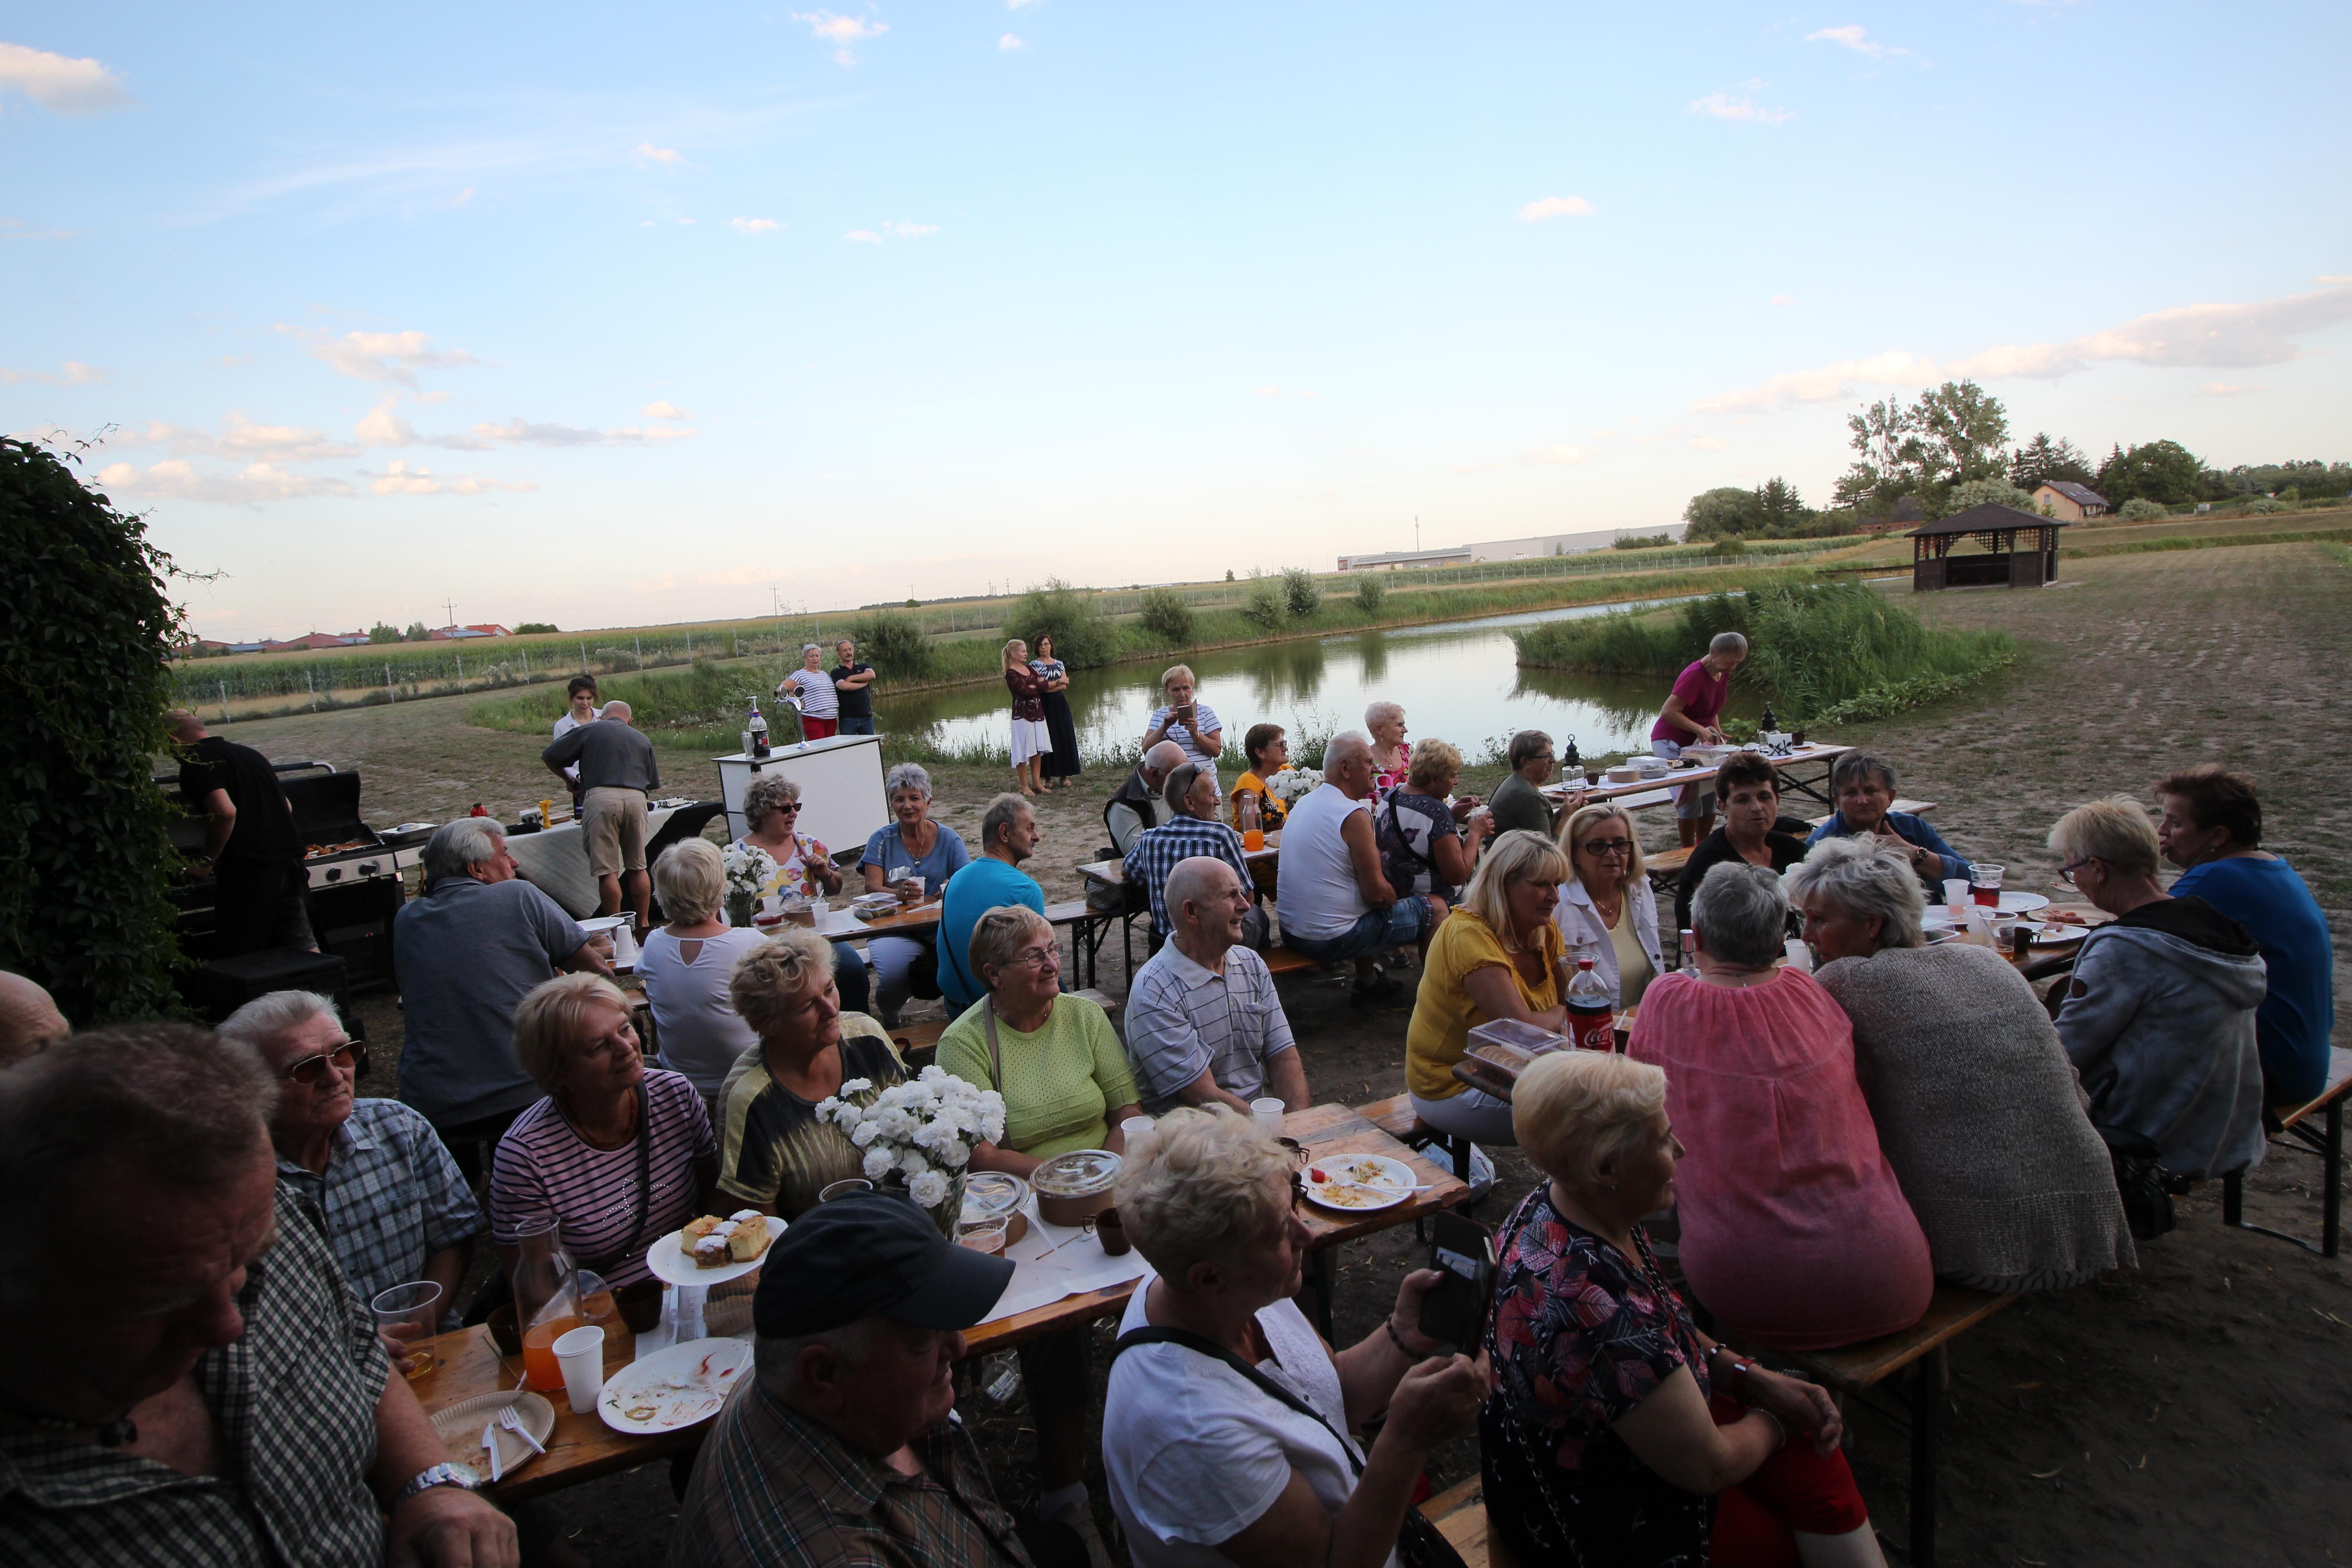 """Na zdjęciu grupa seniorów, uczestników Pikniku integracyjnego z """"Kapelą zza Winkla"""". Większość siedzi przy stołach i rozmawia ze sobą lub przysłuchuje i przygląda się temu, co dzieje się dalej. Inni stoją i obserwują, pani nagrywa telefonem. Jest również obsługa restauracji. Na stołach jedzenie , napoje, naczynia i sztućce. Dalej stawek, drewniana altana, pole drzewa i budynki."""